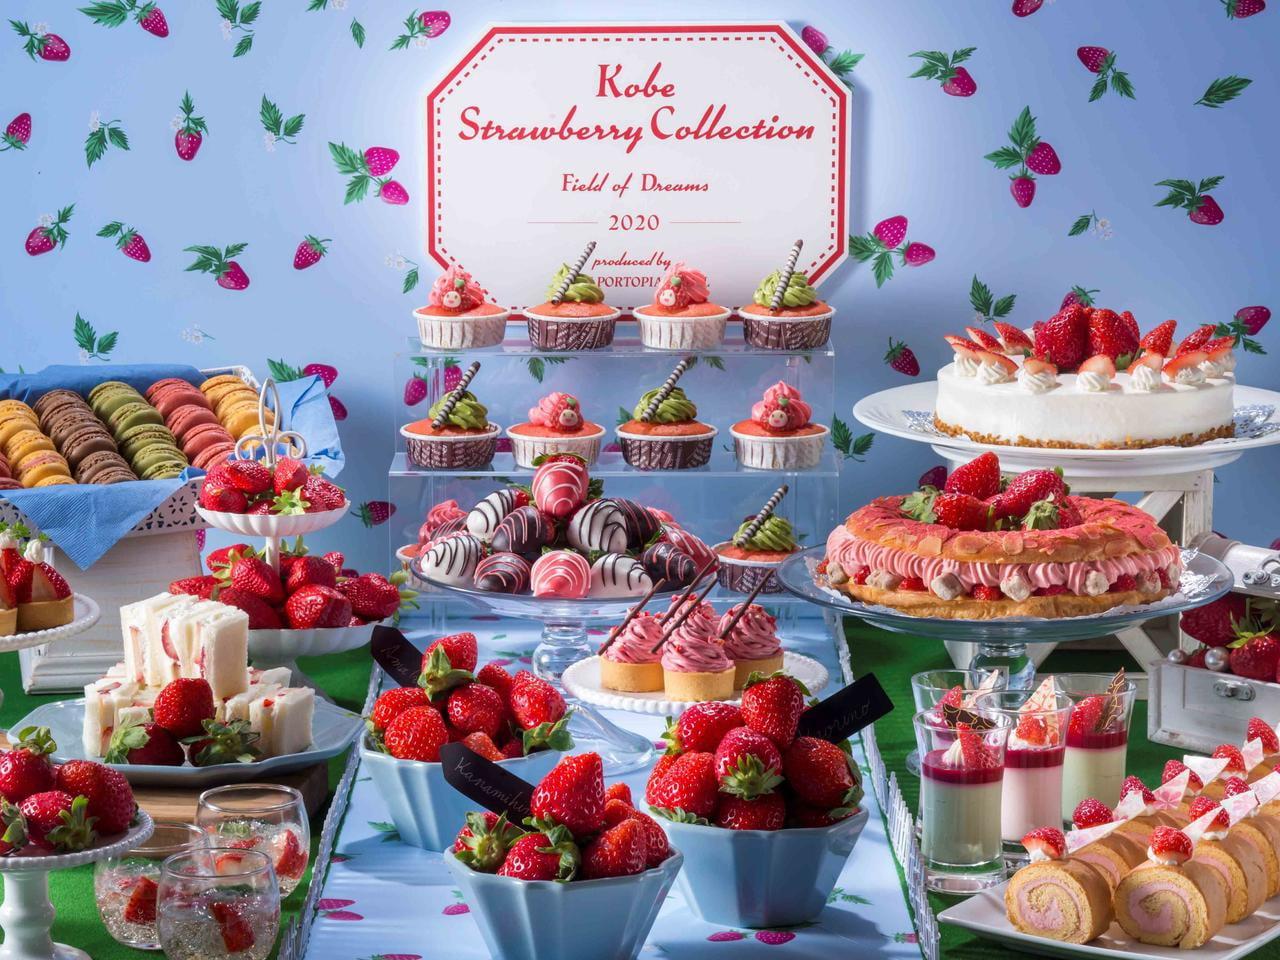 【神戸】いちご、イチゴ、苺づくし!胸キュン必至のいちごスイーツビュッフェ特集